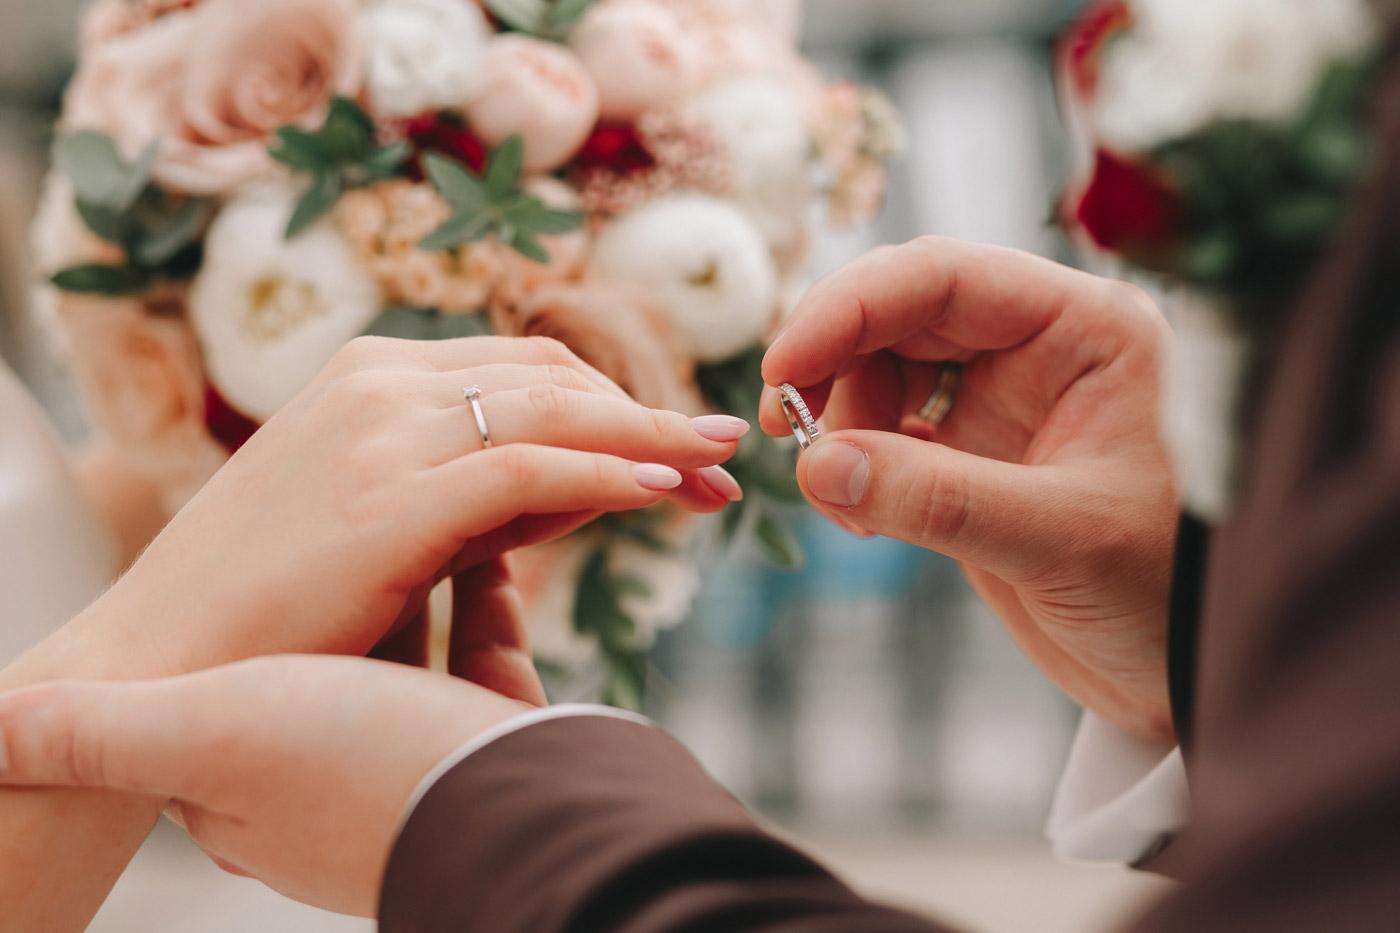 Pre marriage investigation